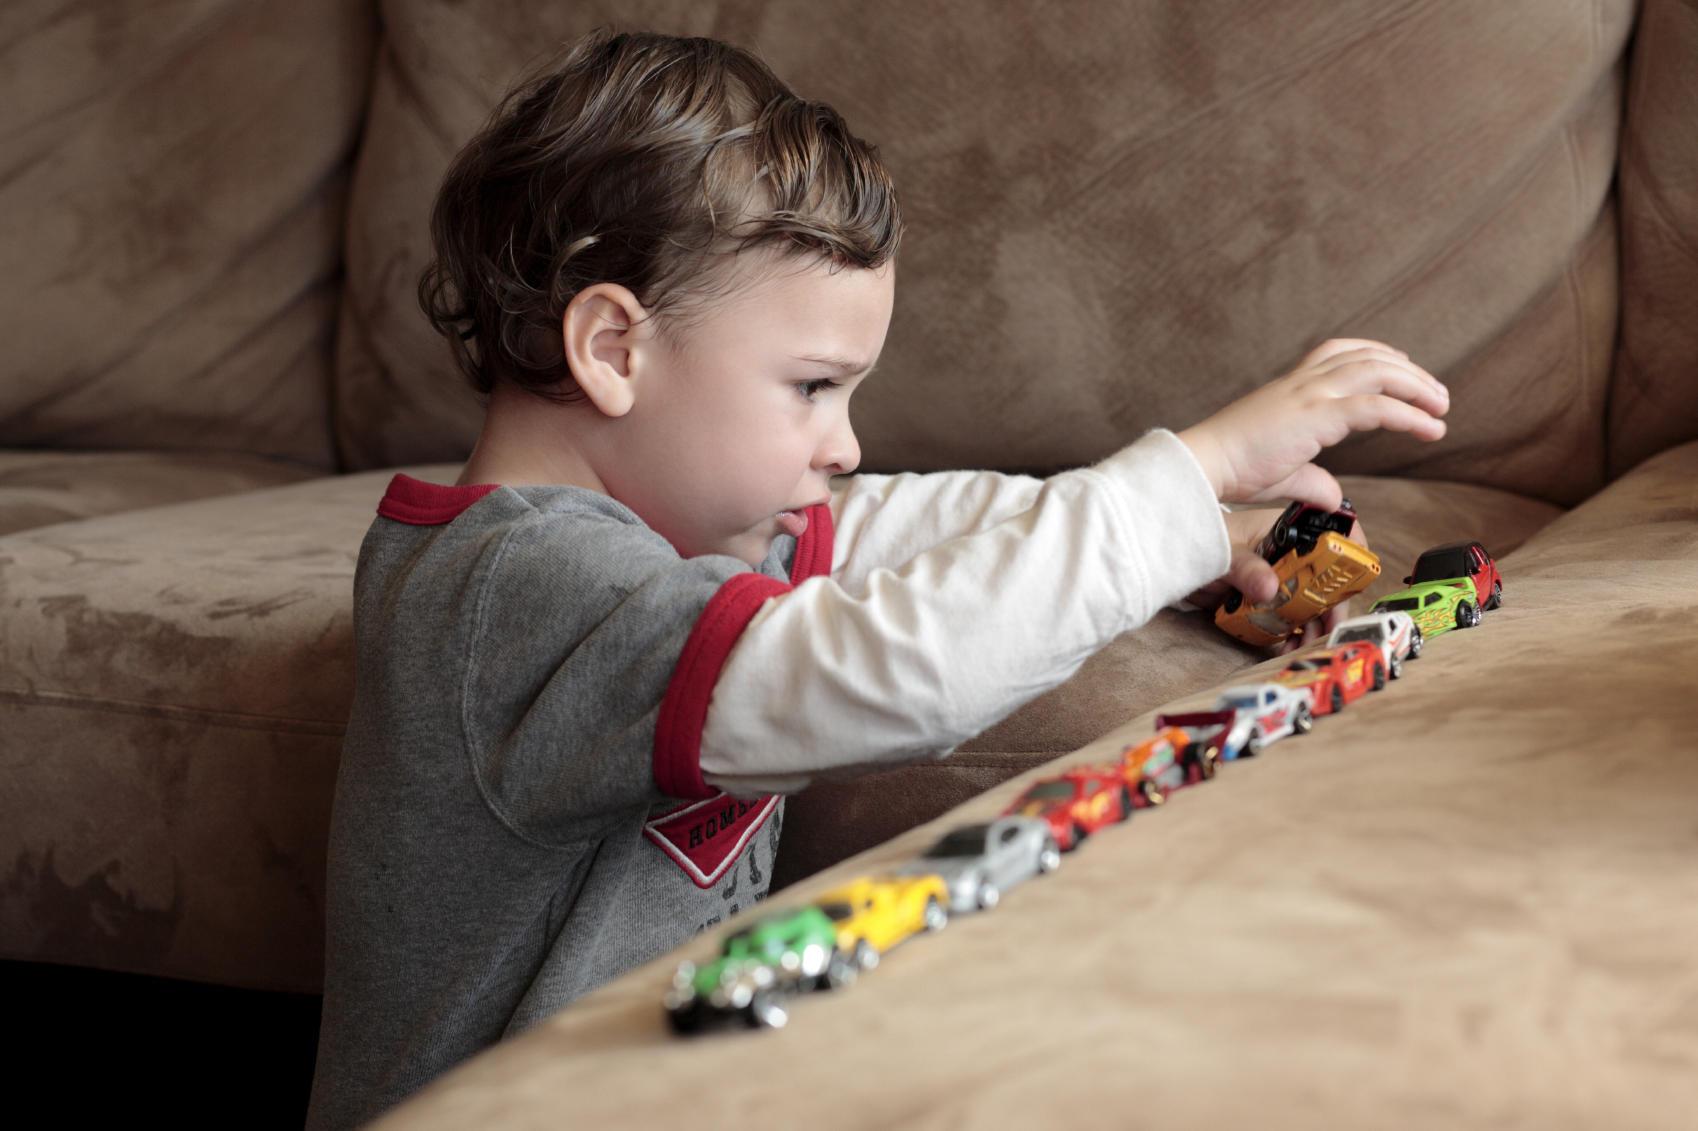 Аутизм связан с наследственными изменениями в строении мозга